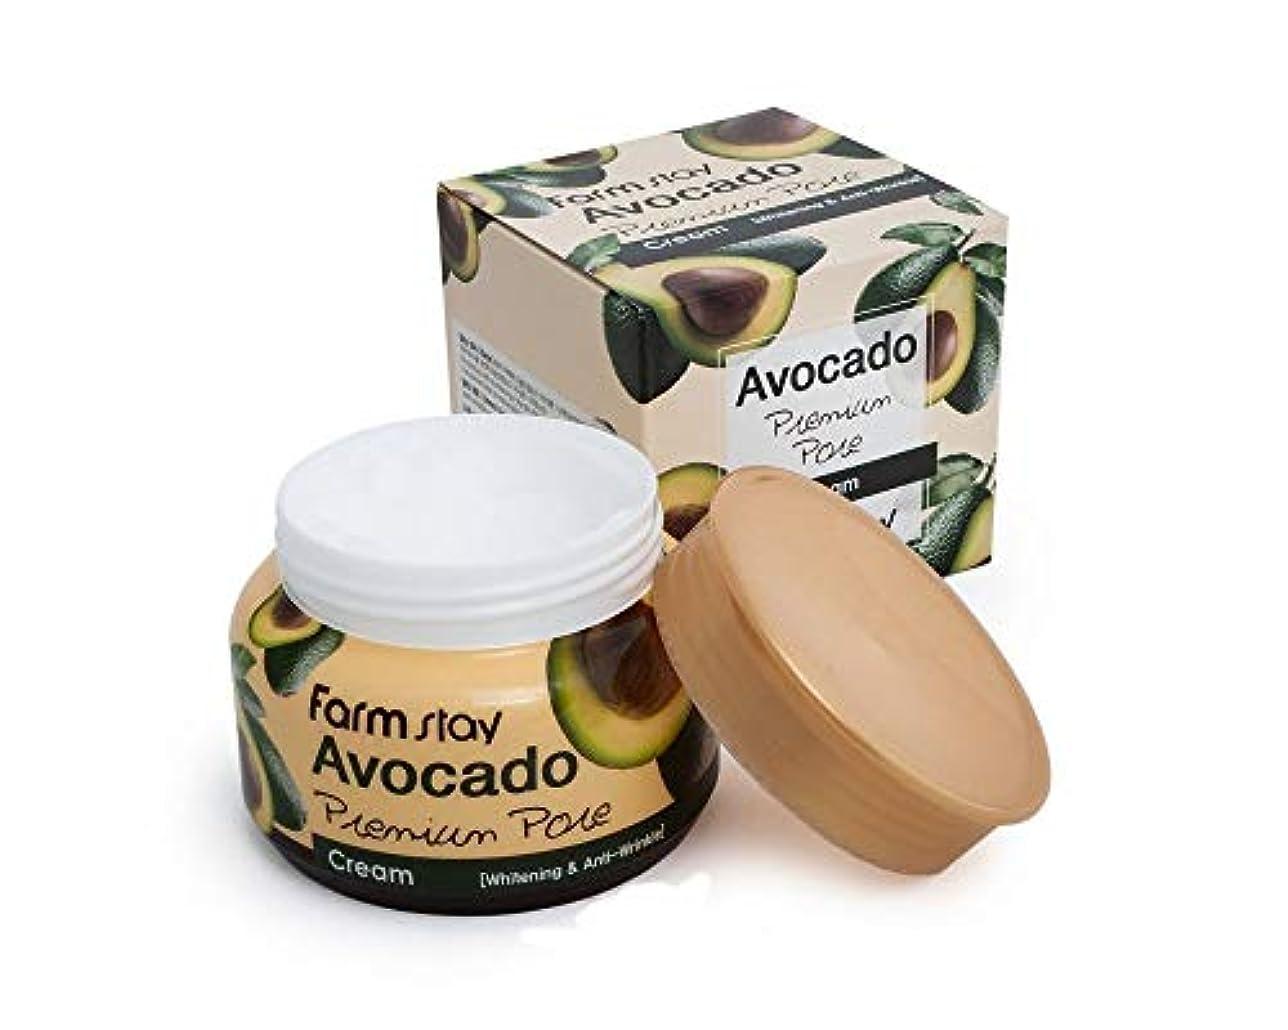 減衰置換層ファームステイ[Farm Stay] アボカドプレミアムポアクリーム 100g / Avocado Premium Pore Cream